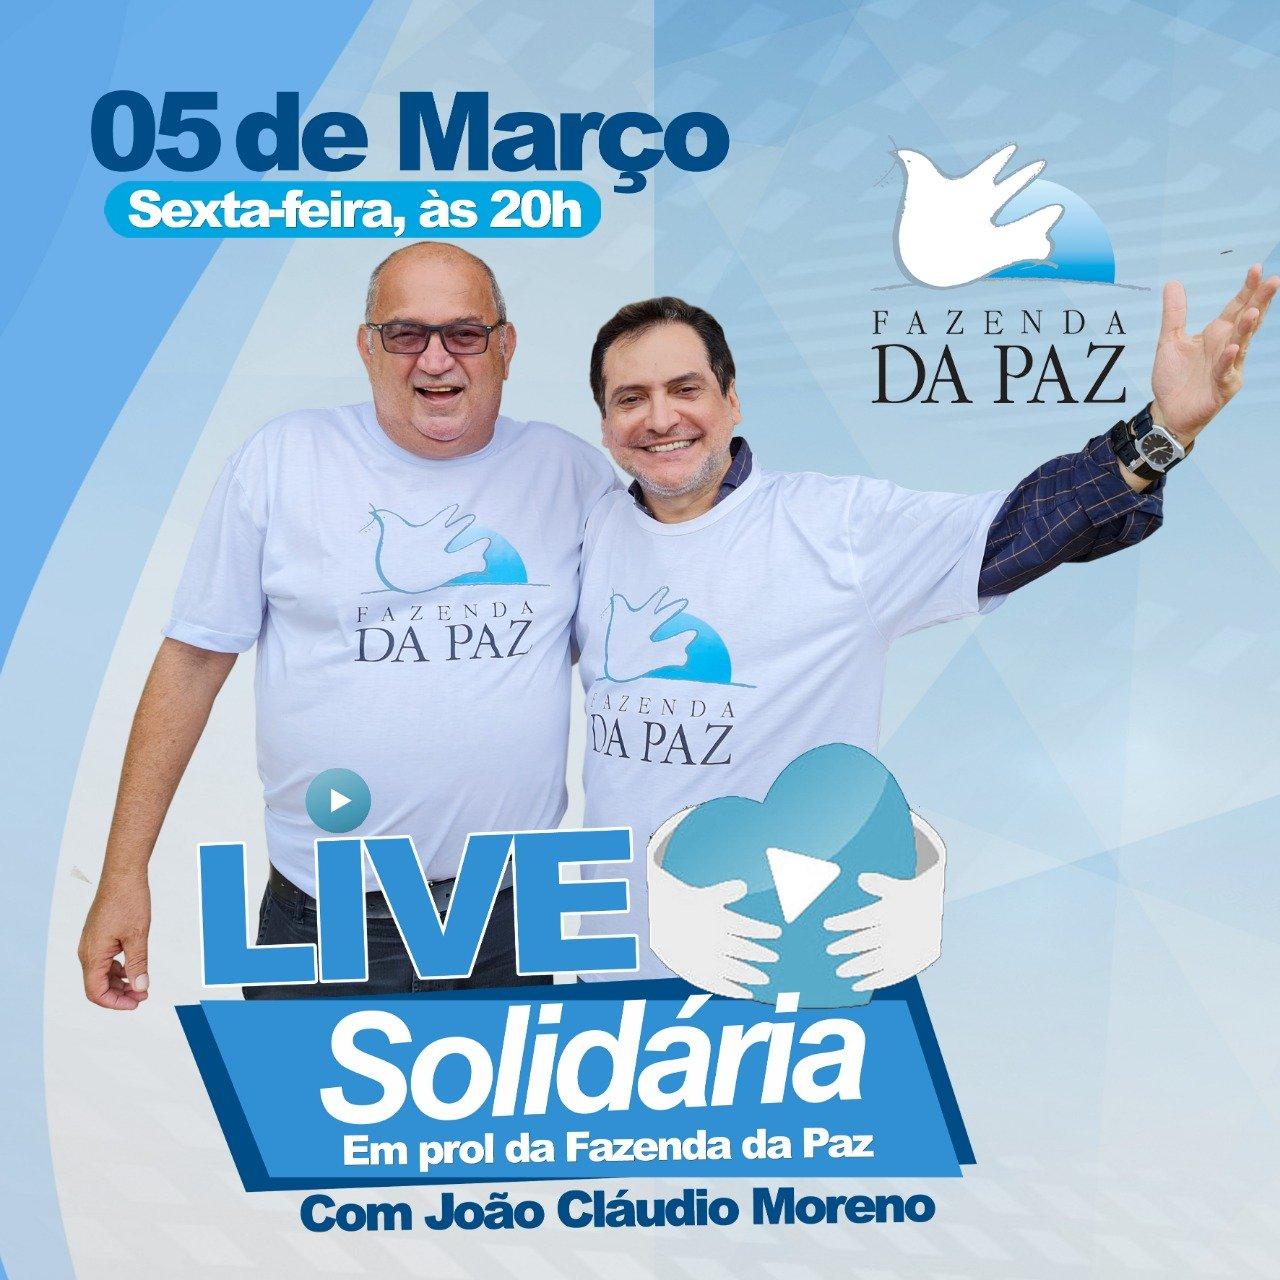 João Cláudio Moreno fará live solidária para ajudar Fazenda da Paz - Imagem 1